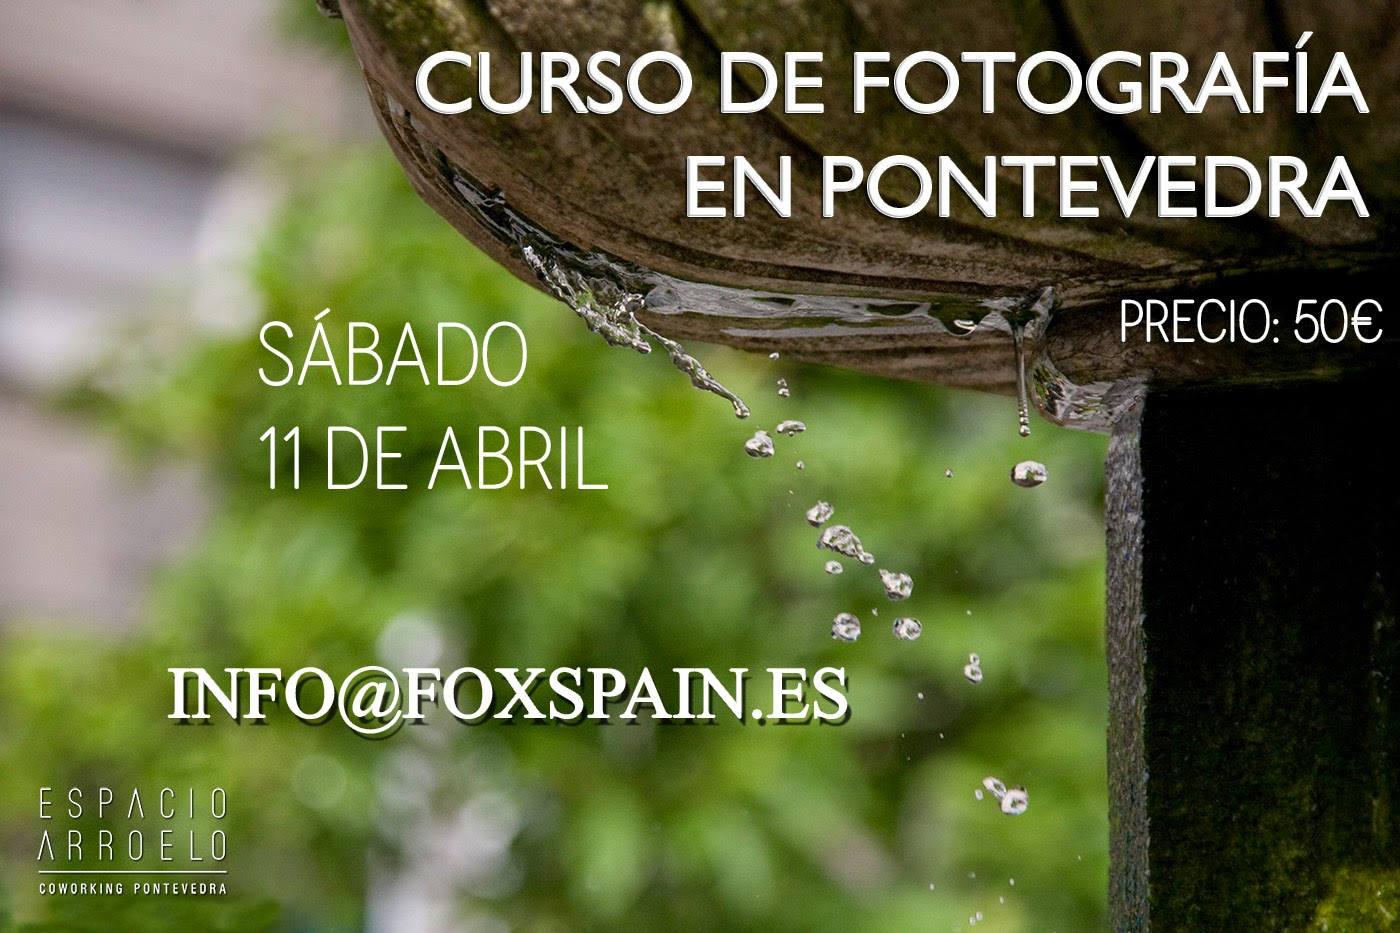 Abril Fotografia Pontevedra 1